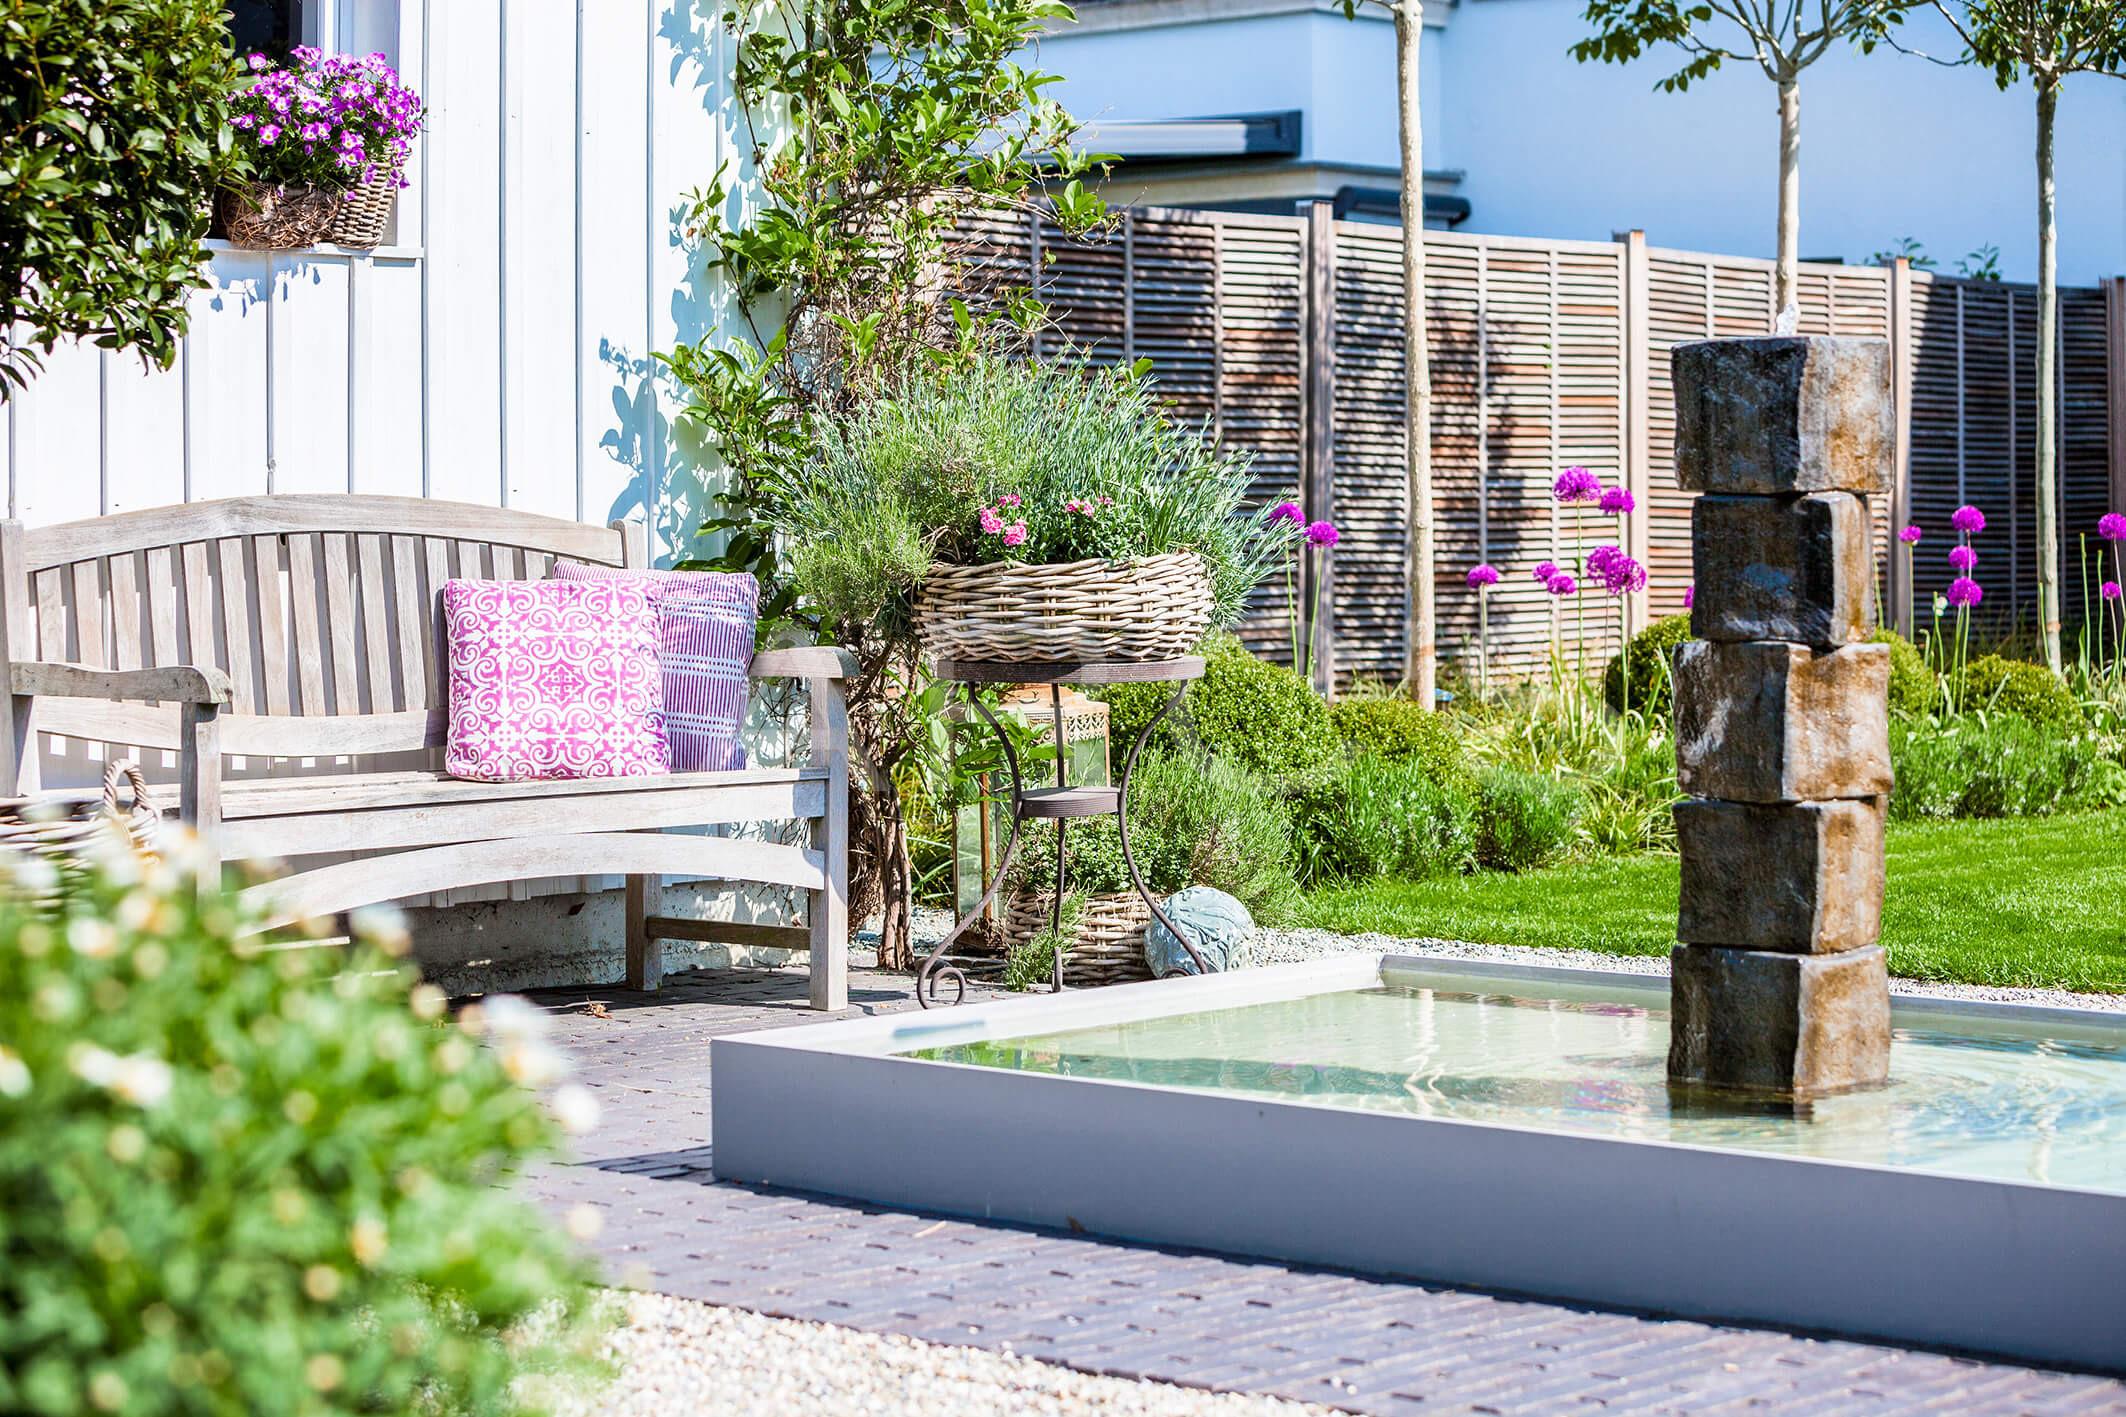 Belgisch englischer gartenstil parc 39 s gartengestaltung for Gartengestaltung mit brunnen